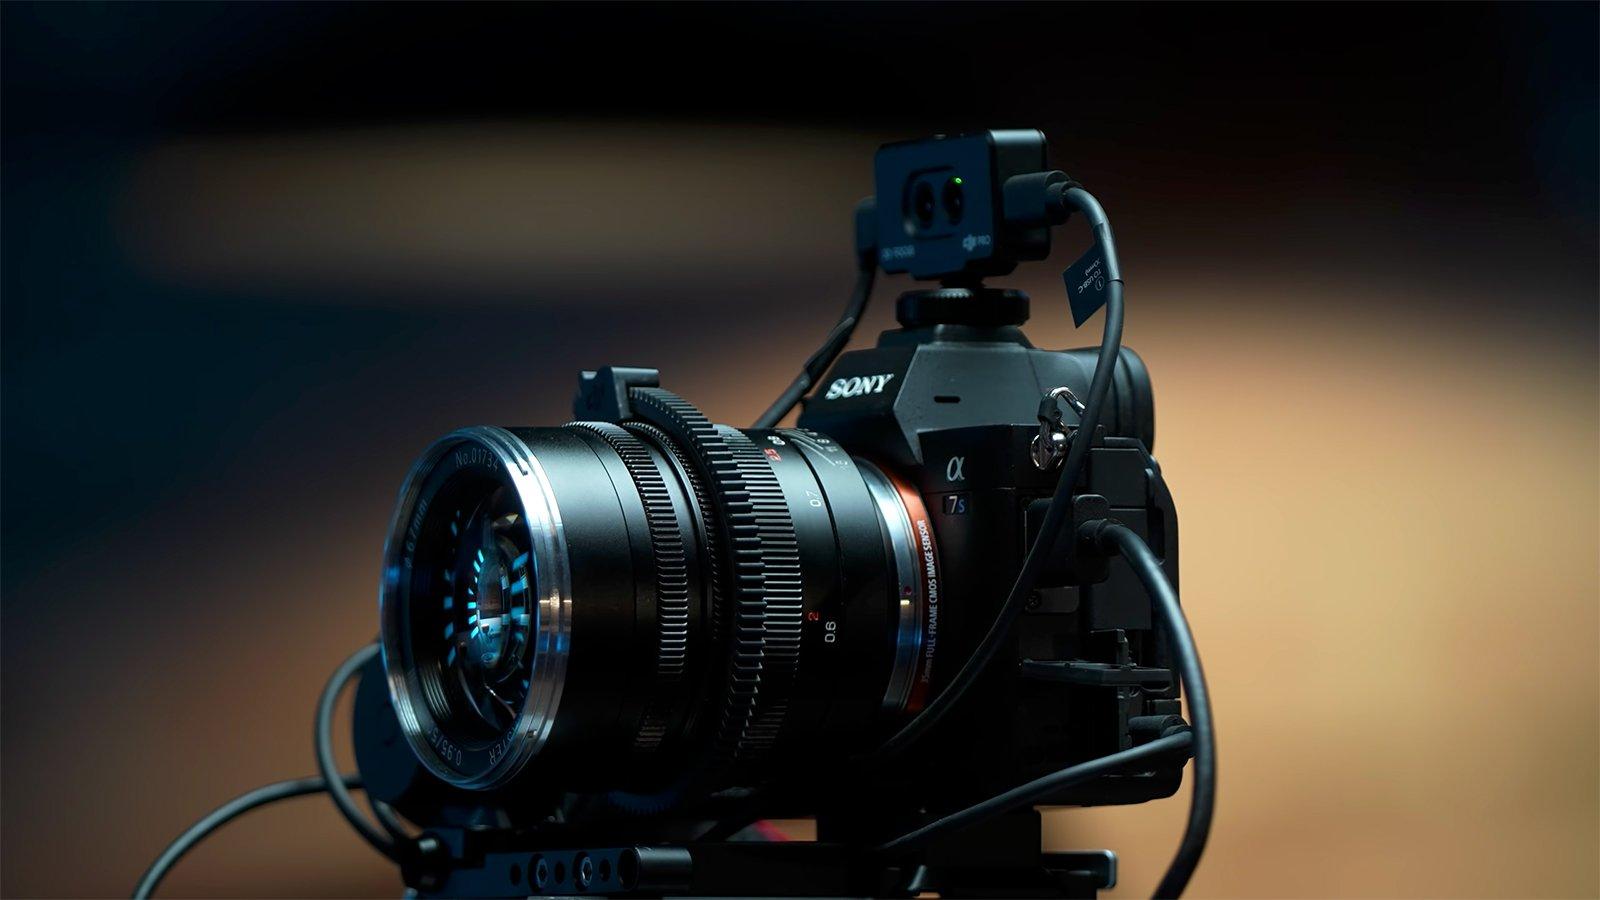 Using LiDAR to Add Autofocus to an f/0.95 Manual Focus Lens